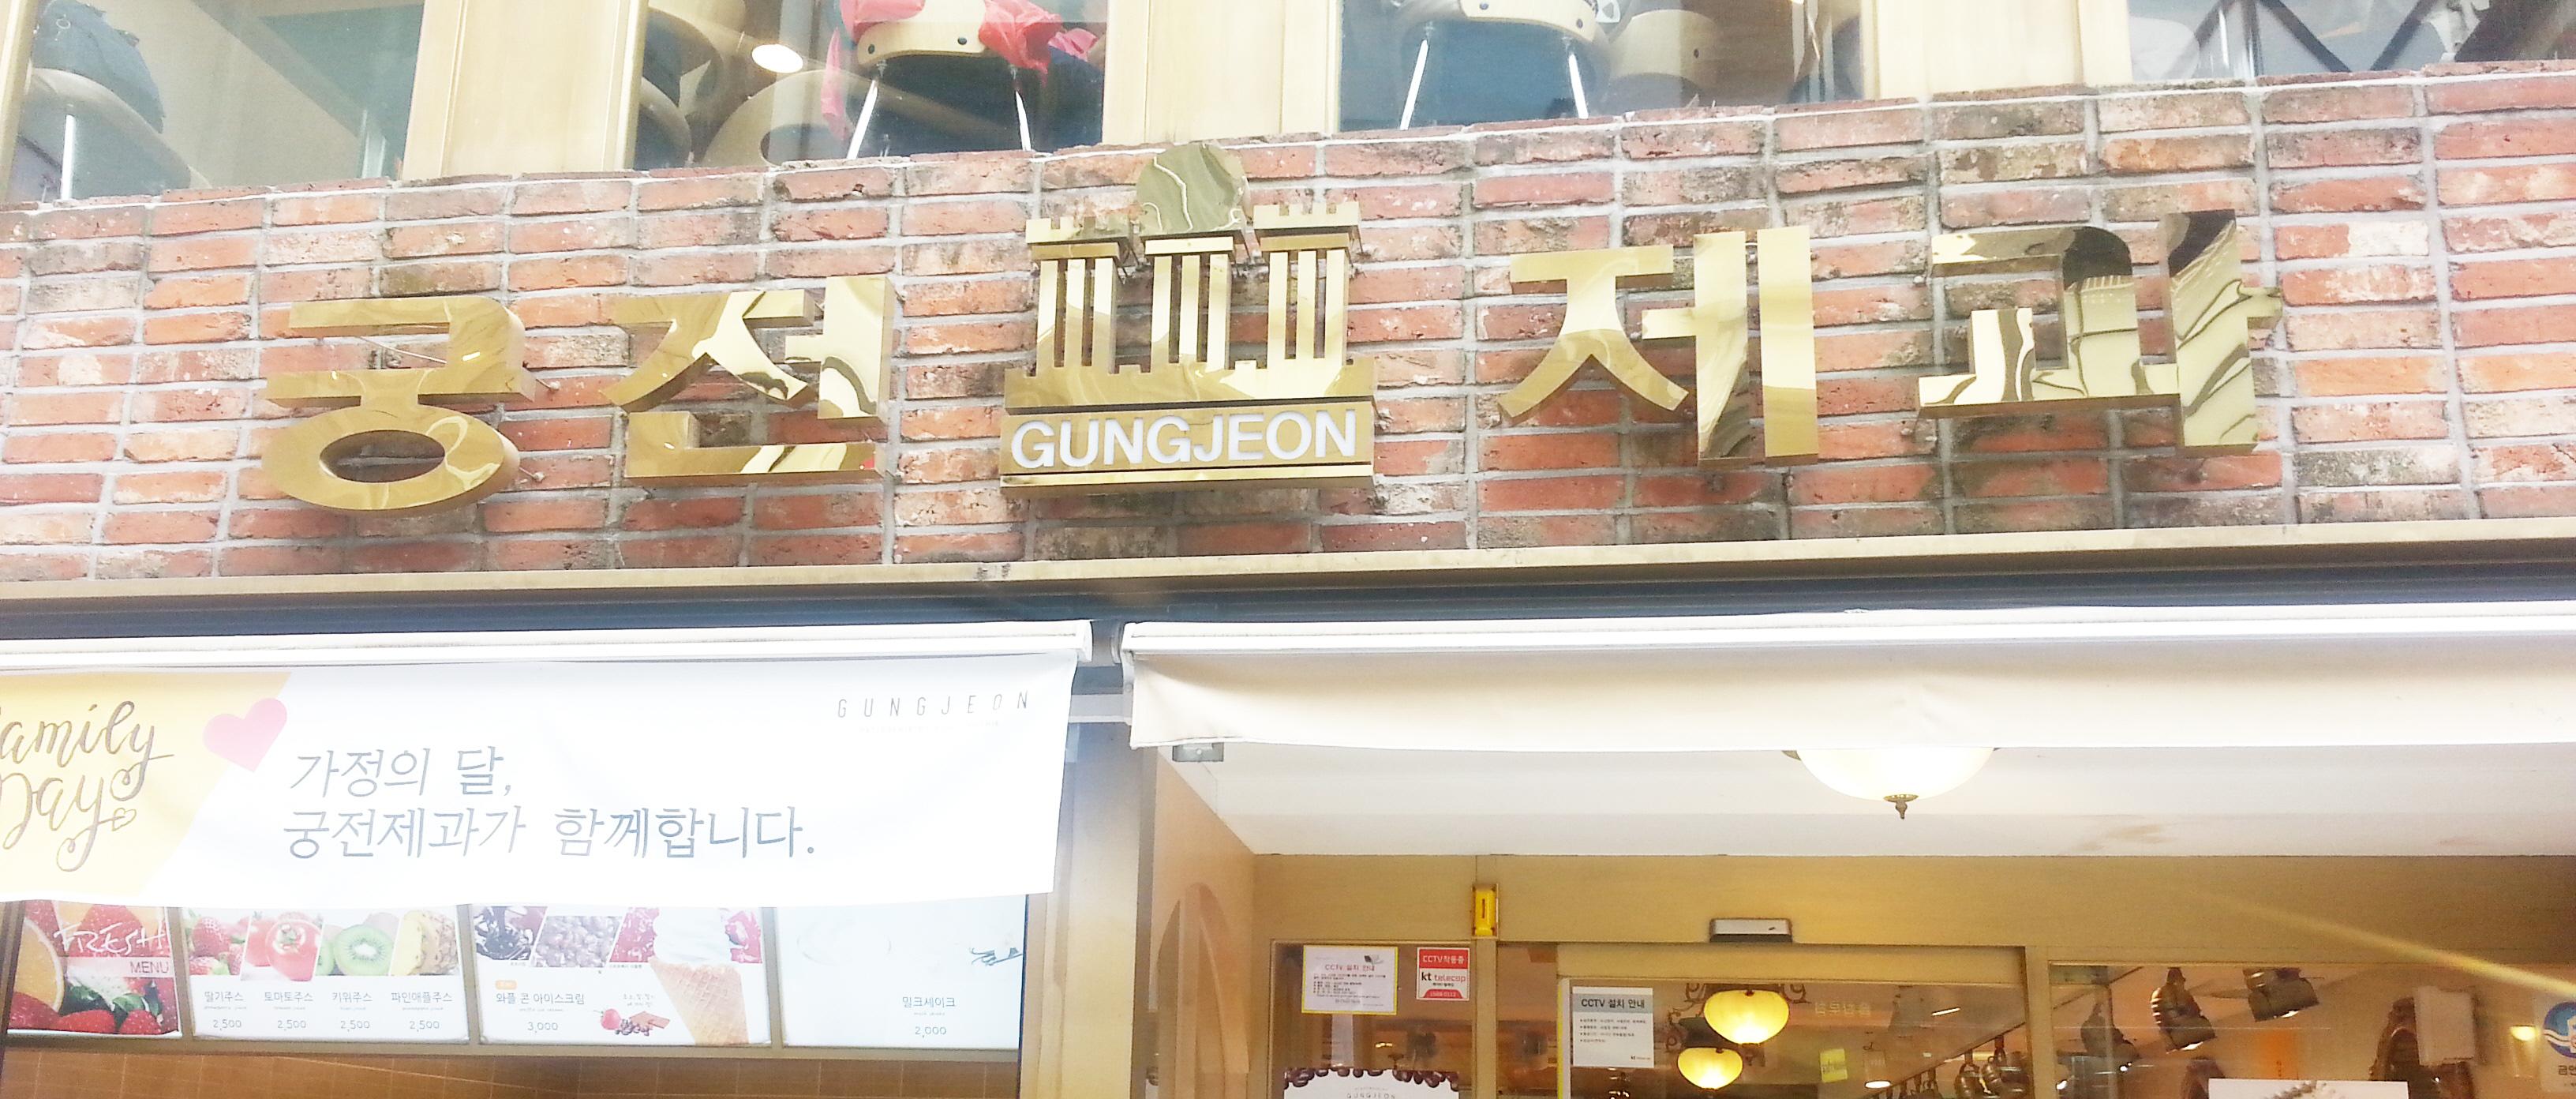 [광주/빵] 공룡알빵, 부추빵, 인절미빵 - 궁..